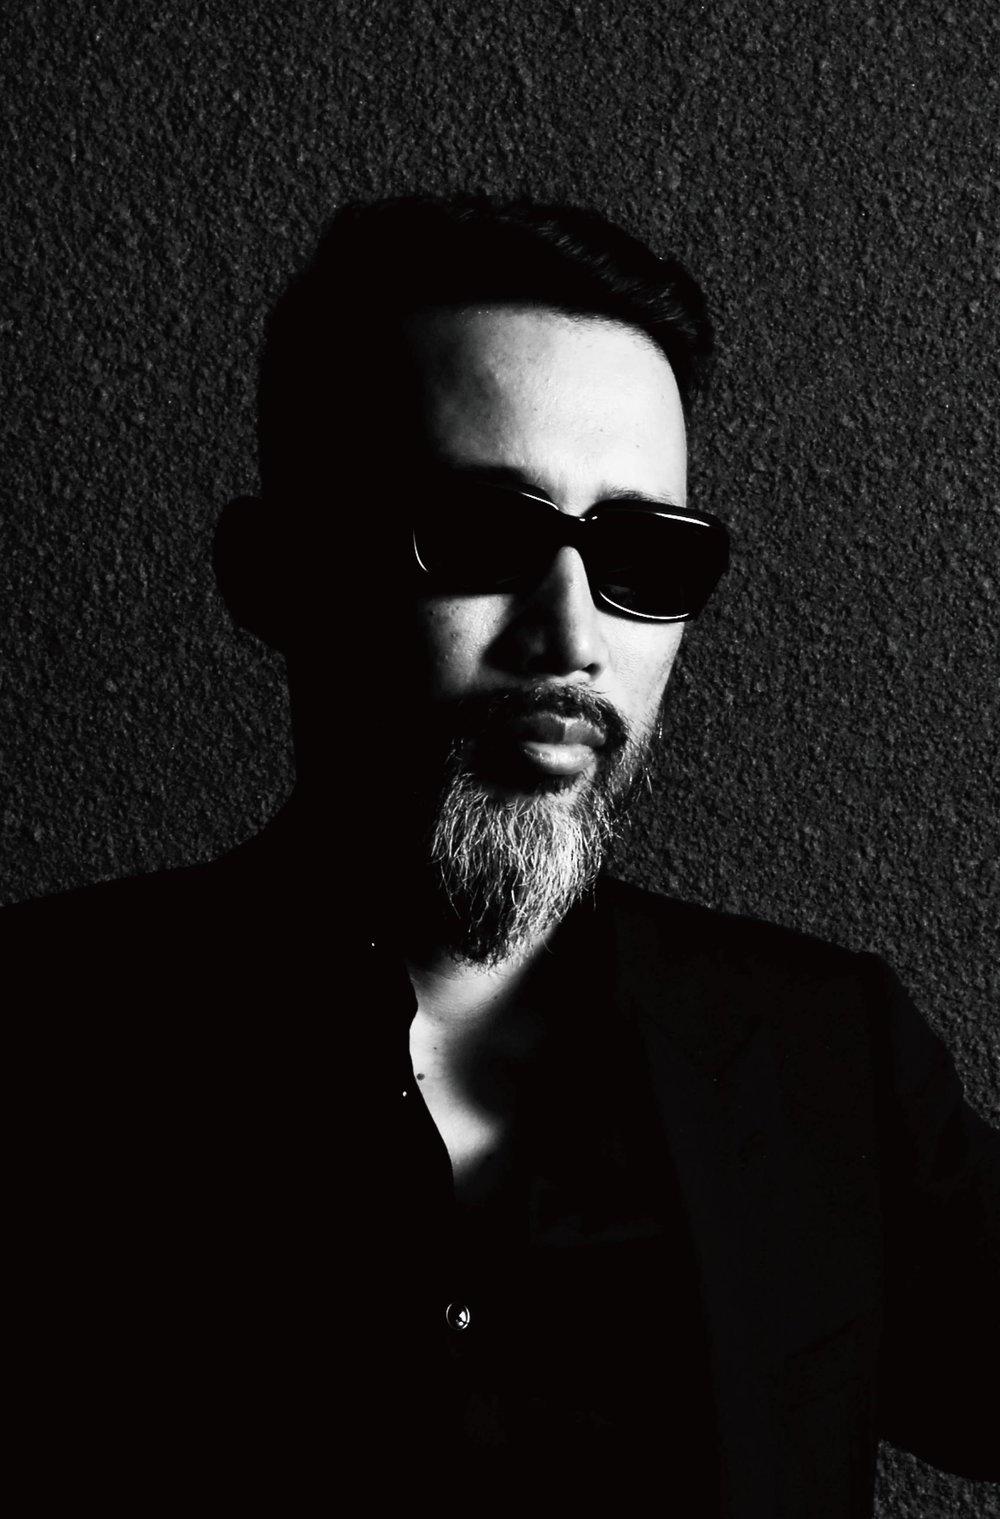 """沖野修也(KYOTO JAZZ MASSIVE/KYOTO JAZZ SEXTET)  音楽プロデューサー/選曲家/作曲家/執筆家/ラジオDJ。KYOTO JAZZ MASSIVE名義でリリースした「ECLIPSE」は、英国国営放送BBCラジオZUBBチャートで3週連続No.1の座を日本人として初めて射止めた。2017年6月、ジャズ・プロジェクト、Kyoto Jazz Sextetのセカンド・アルバム『UNITY』をブルーノートよりリリース。同年フジ・ロック・フェスティバル~Field Of Hevenステージに登場。2018年7月にはDJとして名門モントルー・ジャズ・フェスティバルにも出演を果たした。現在、InterFM『JAZZ ain't Jazz』にて番組ナビゲーターを担当中(毎週日曜日16時)。有線放送内I-12チャンネルにて""""沖野修也 presents Music in The Room""""を監修。GQ Japanオフィシャル・ブロガー。"""